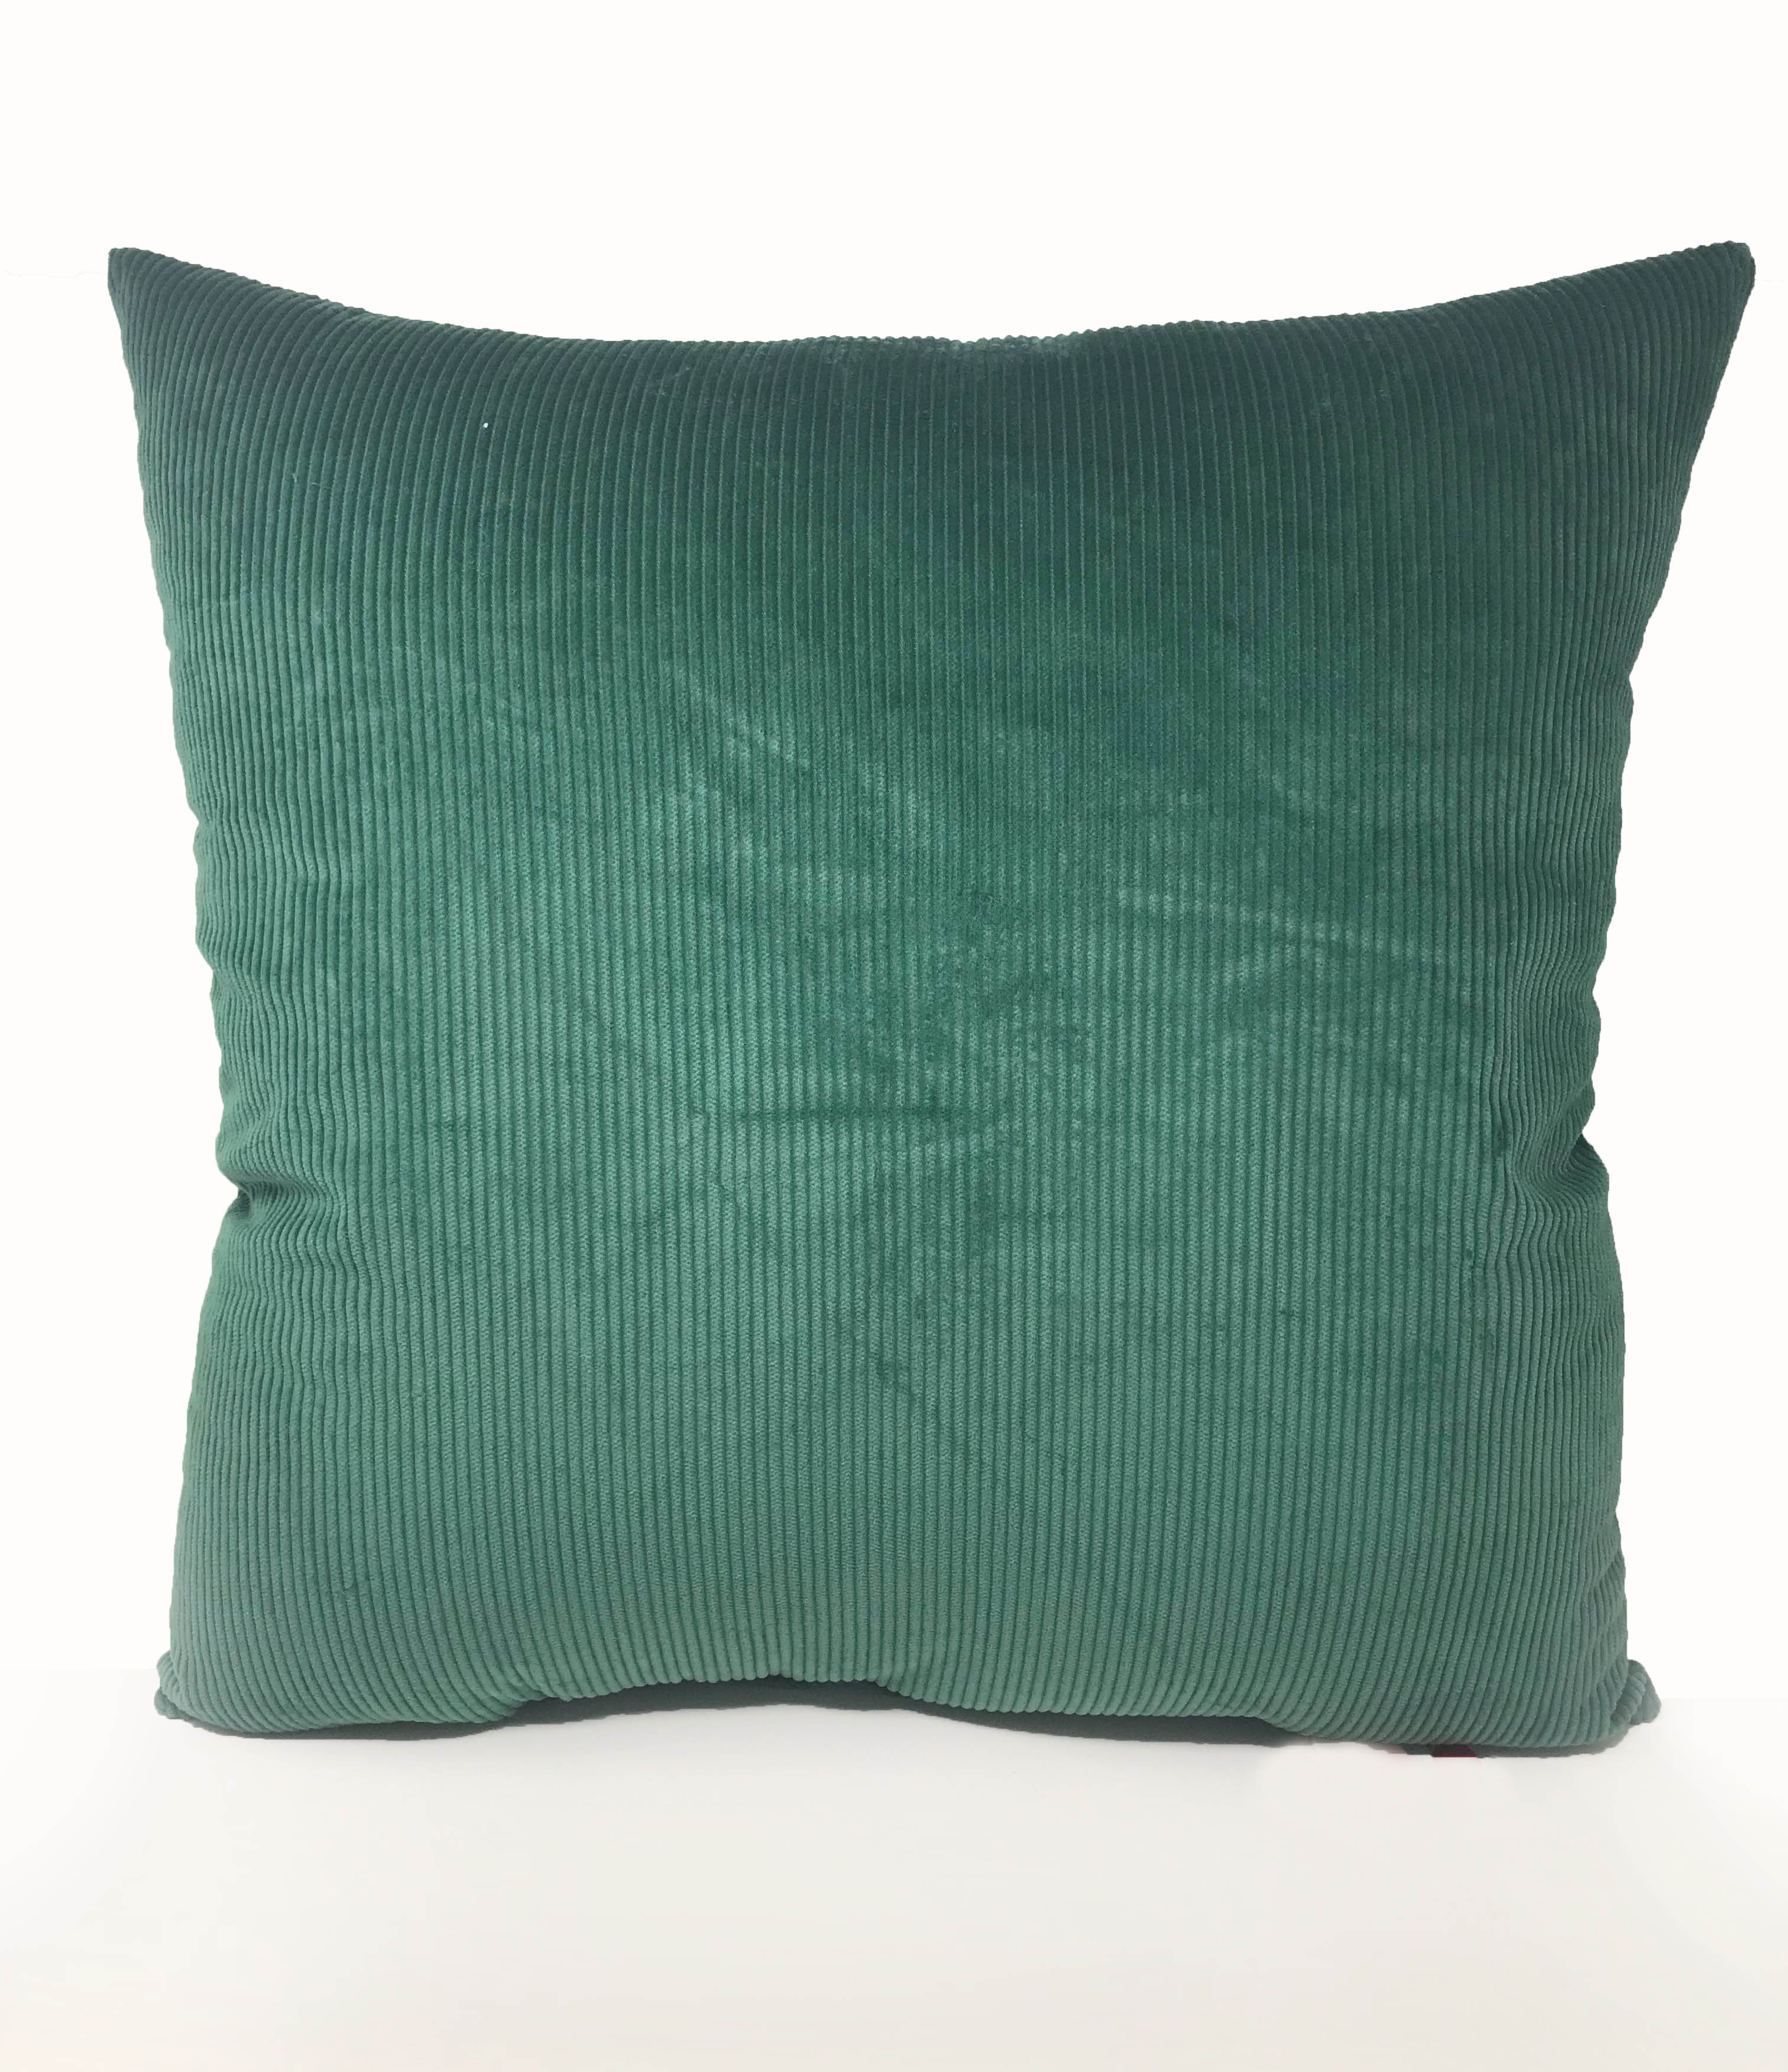 Green Cord 60cm x 60cm Cushion